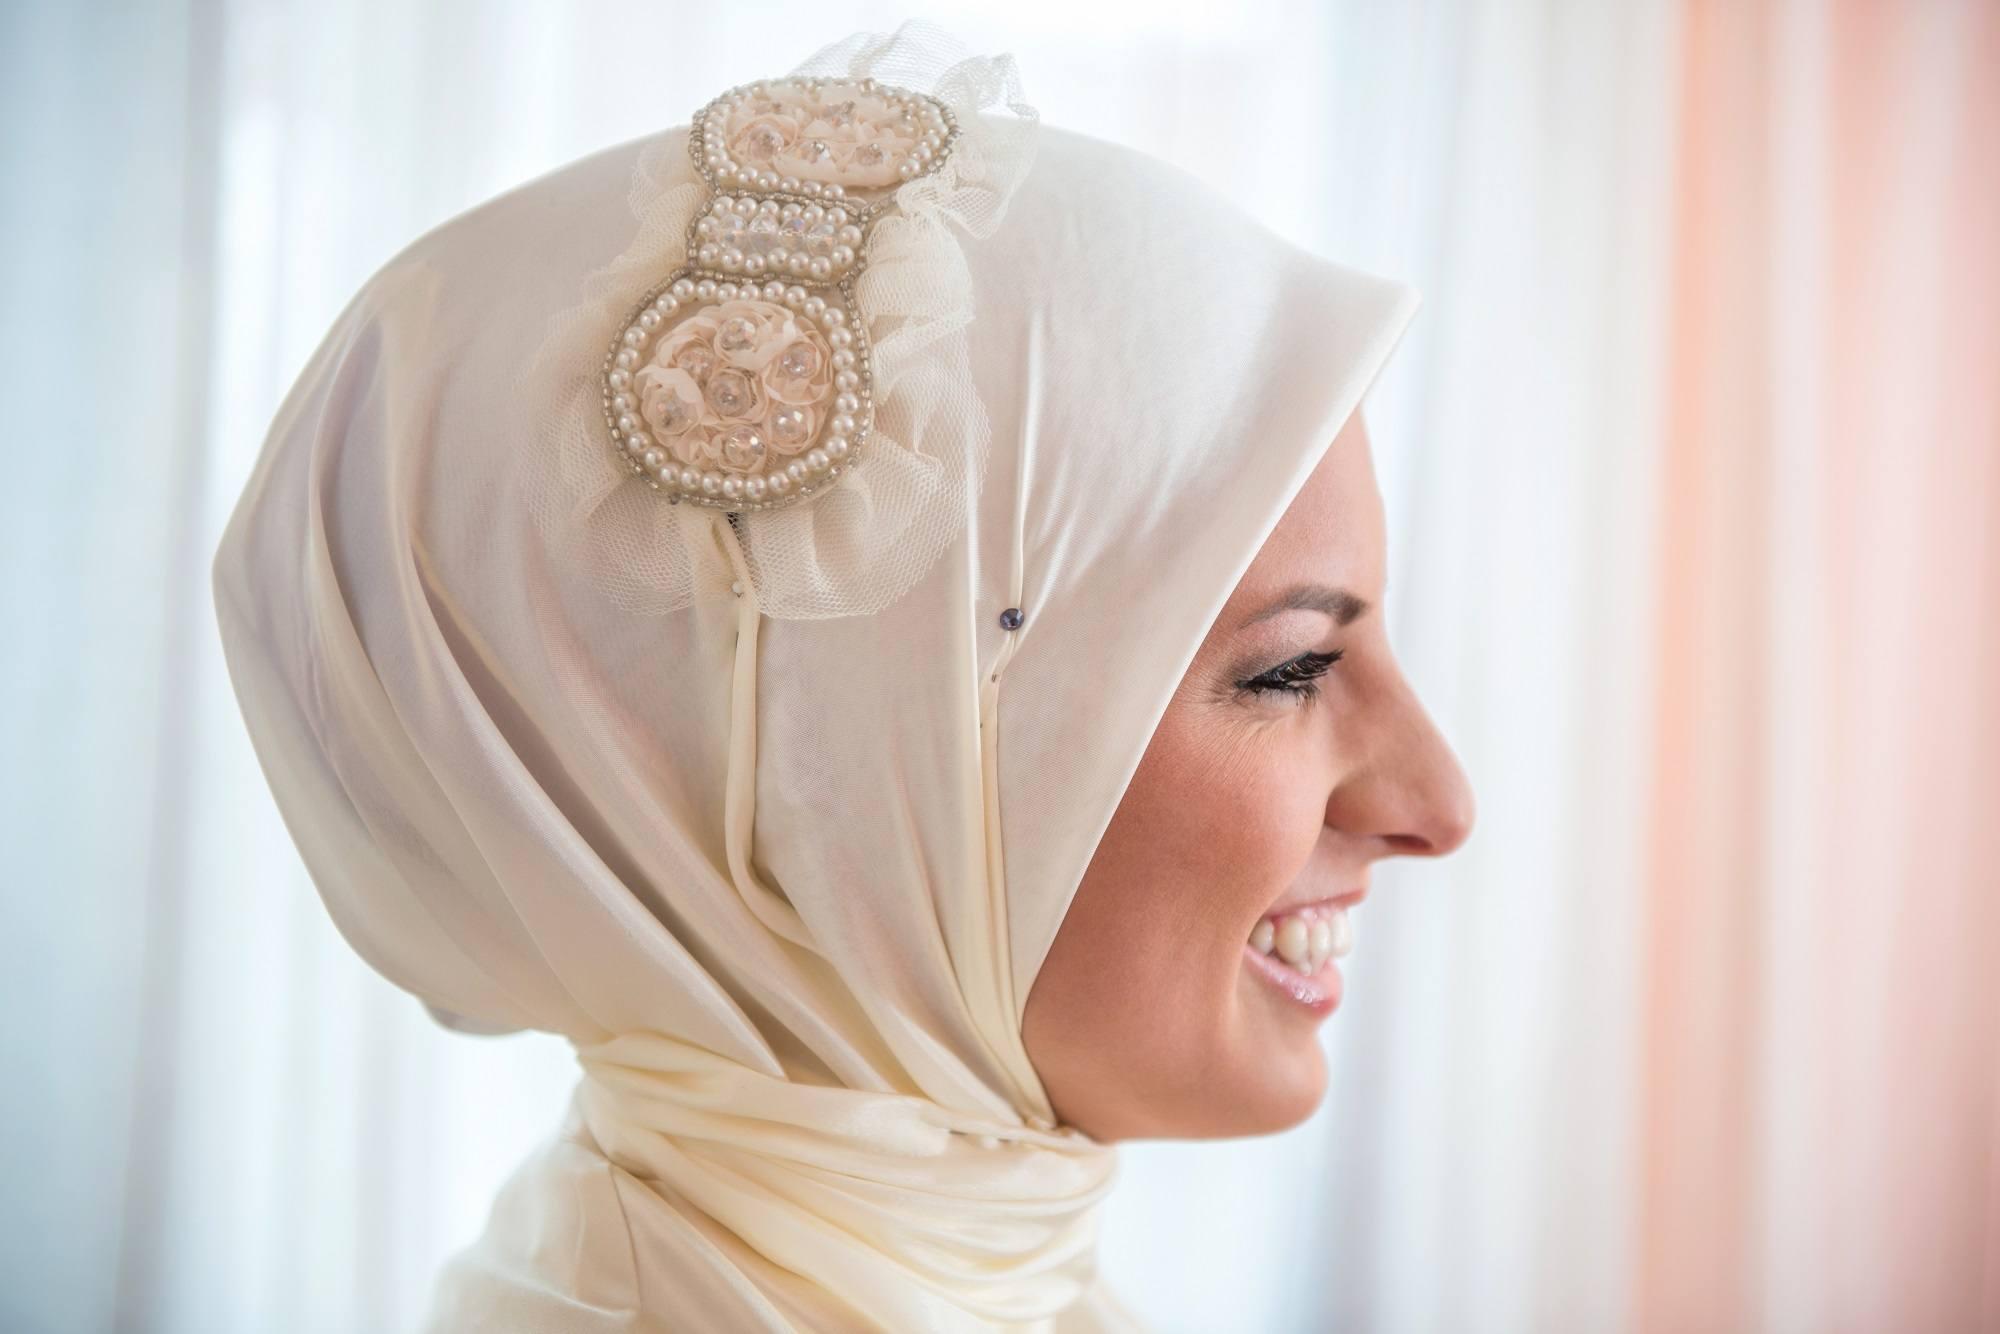 Wanita memakai hijab segi empat dan aksesori di kepalanya